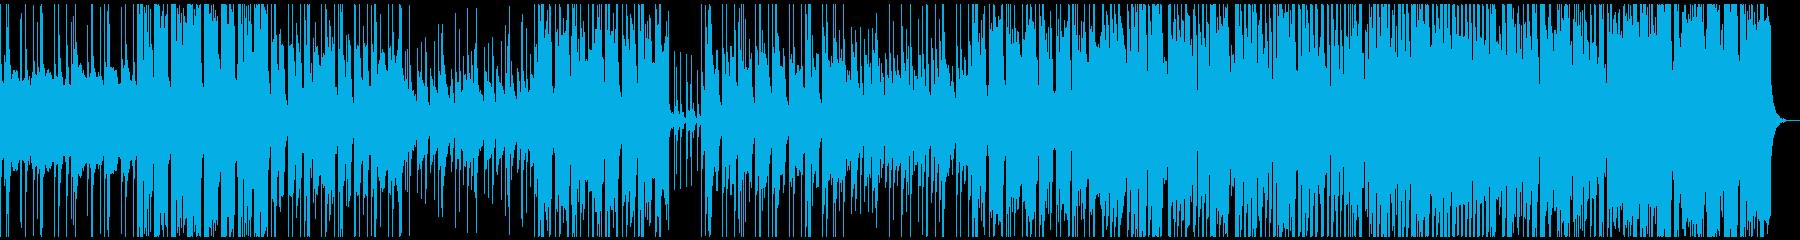 ポップなイントロからサビにオケが入る。の再生済みの波形